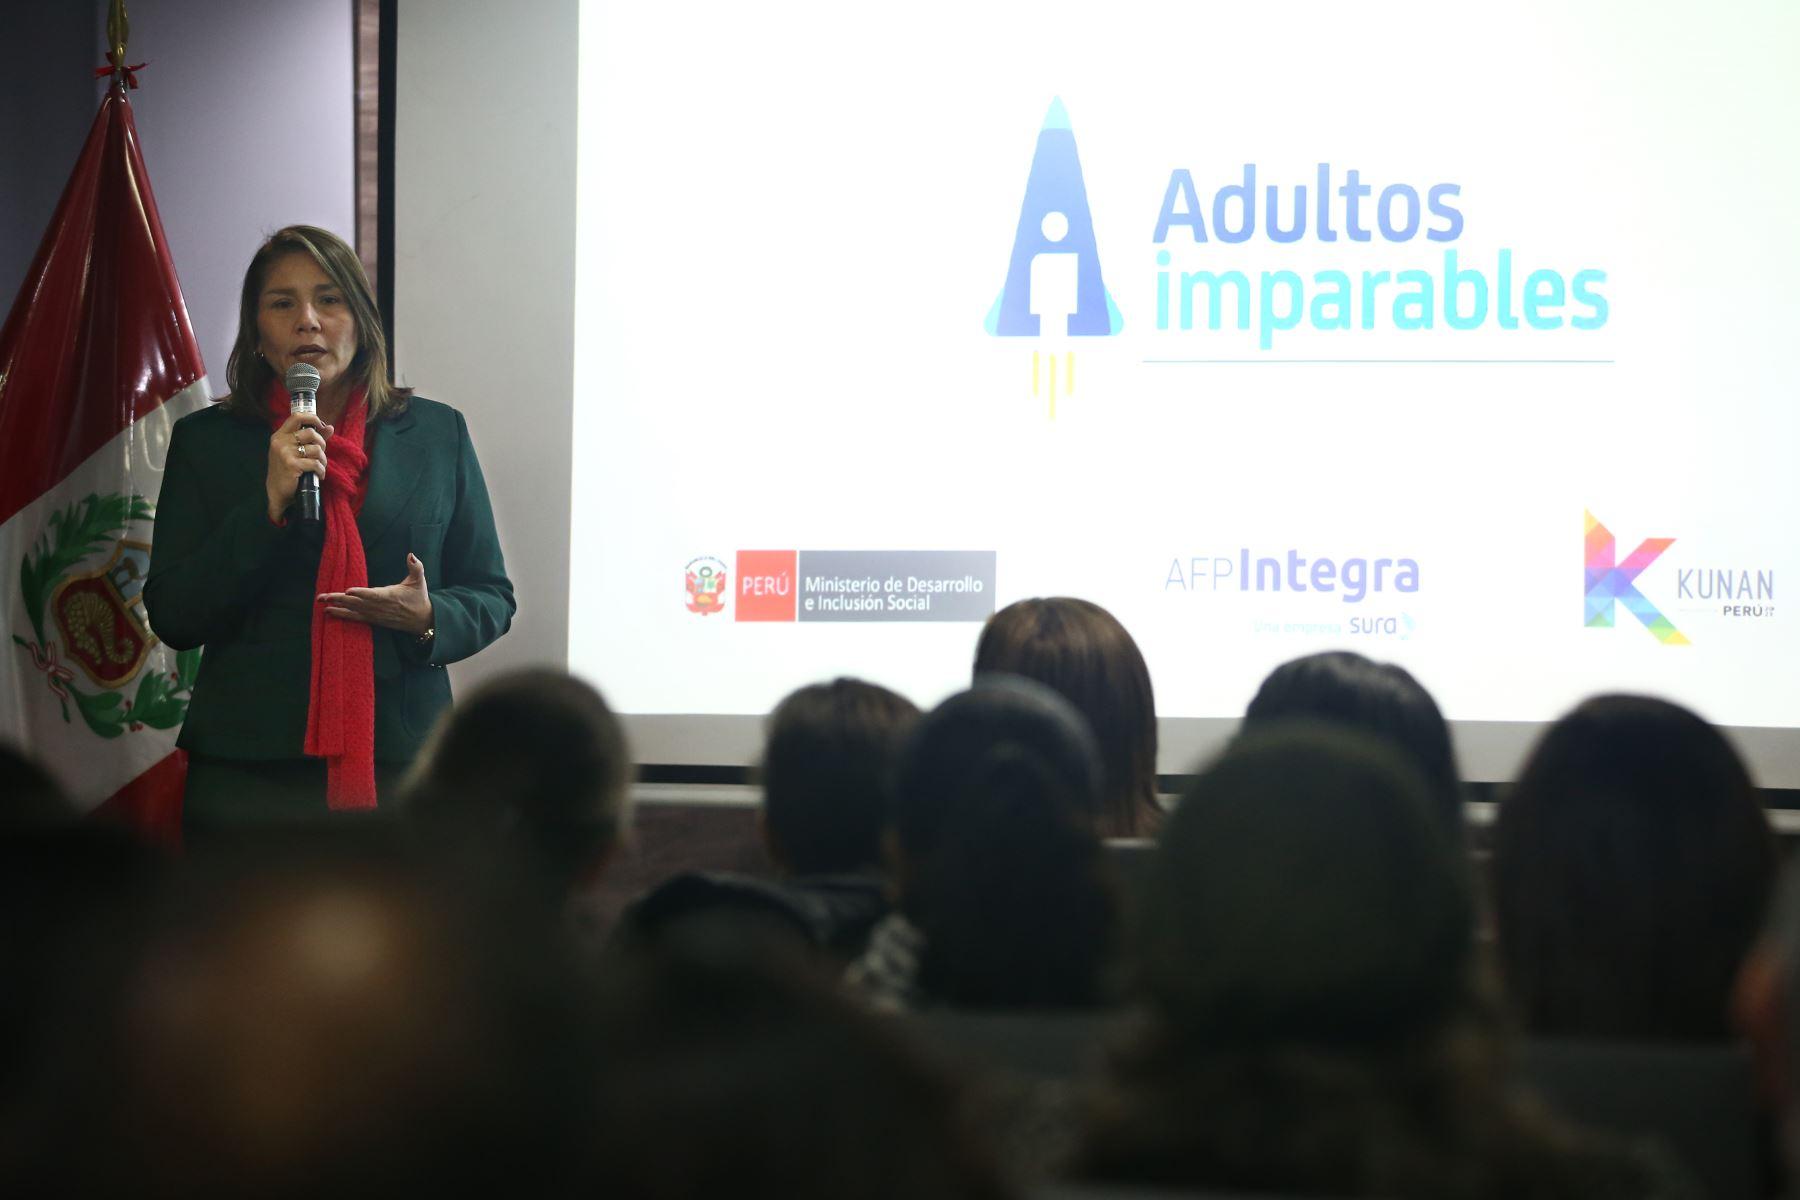 """Con apoyo del MIDIS, desafío Kunan 2019 lanza nueva categoría """"Adultos Imparables"""". Ministra Paola Bustamante estuvo presente en el lanzamiento. Foto: ANDINA/Melina Mejía"""